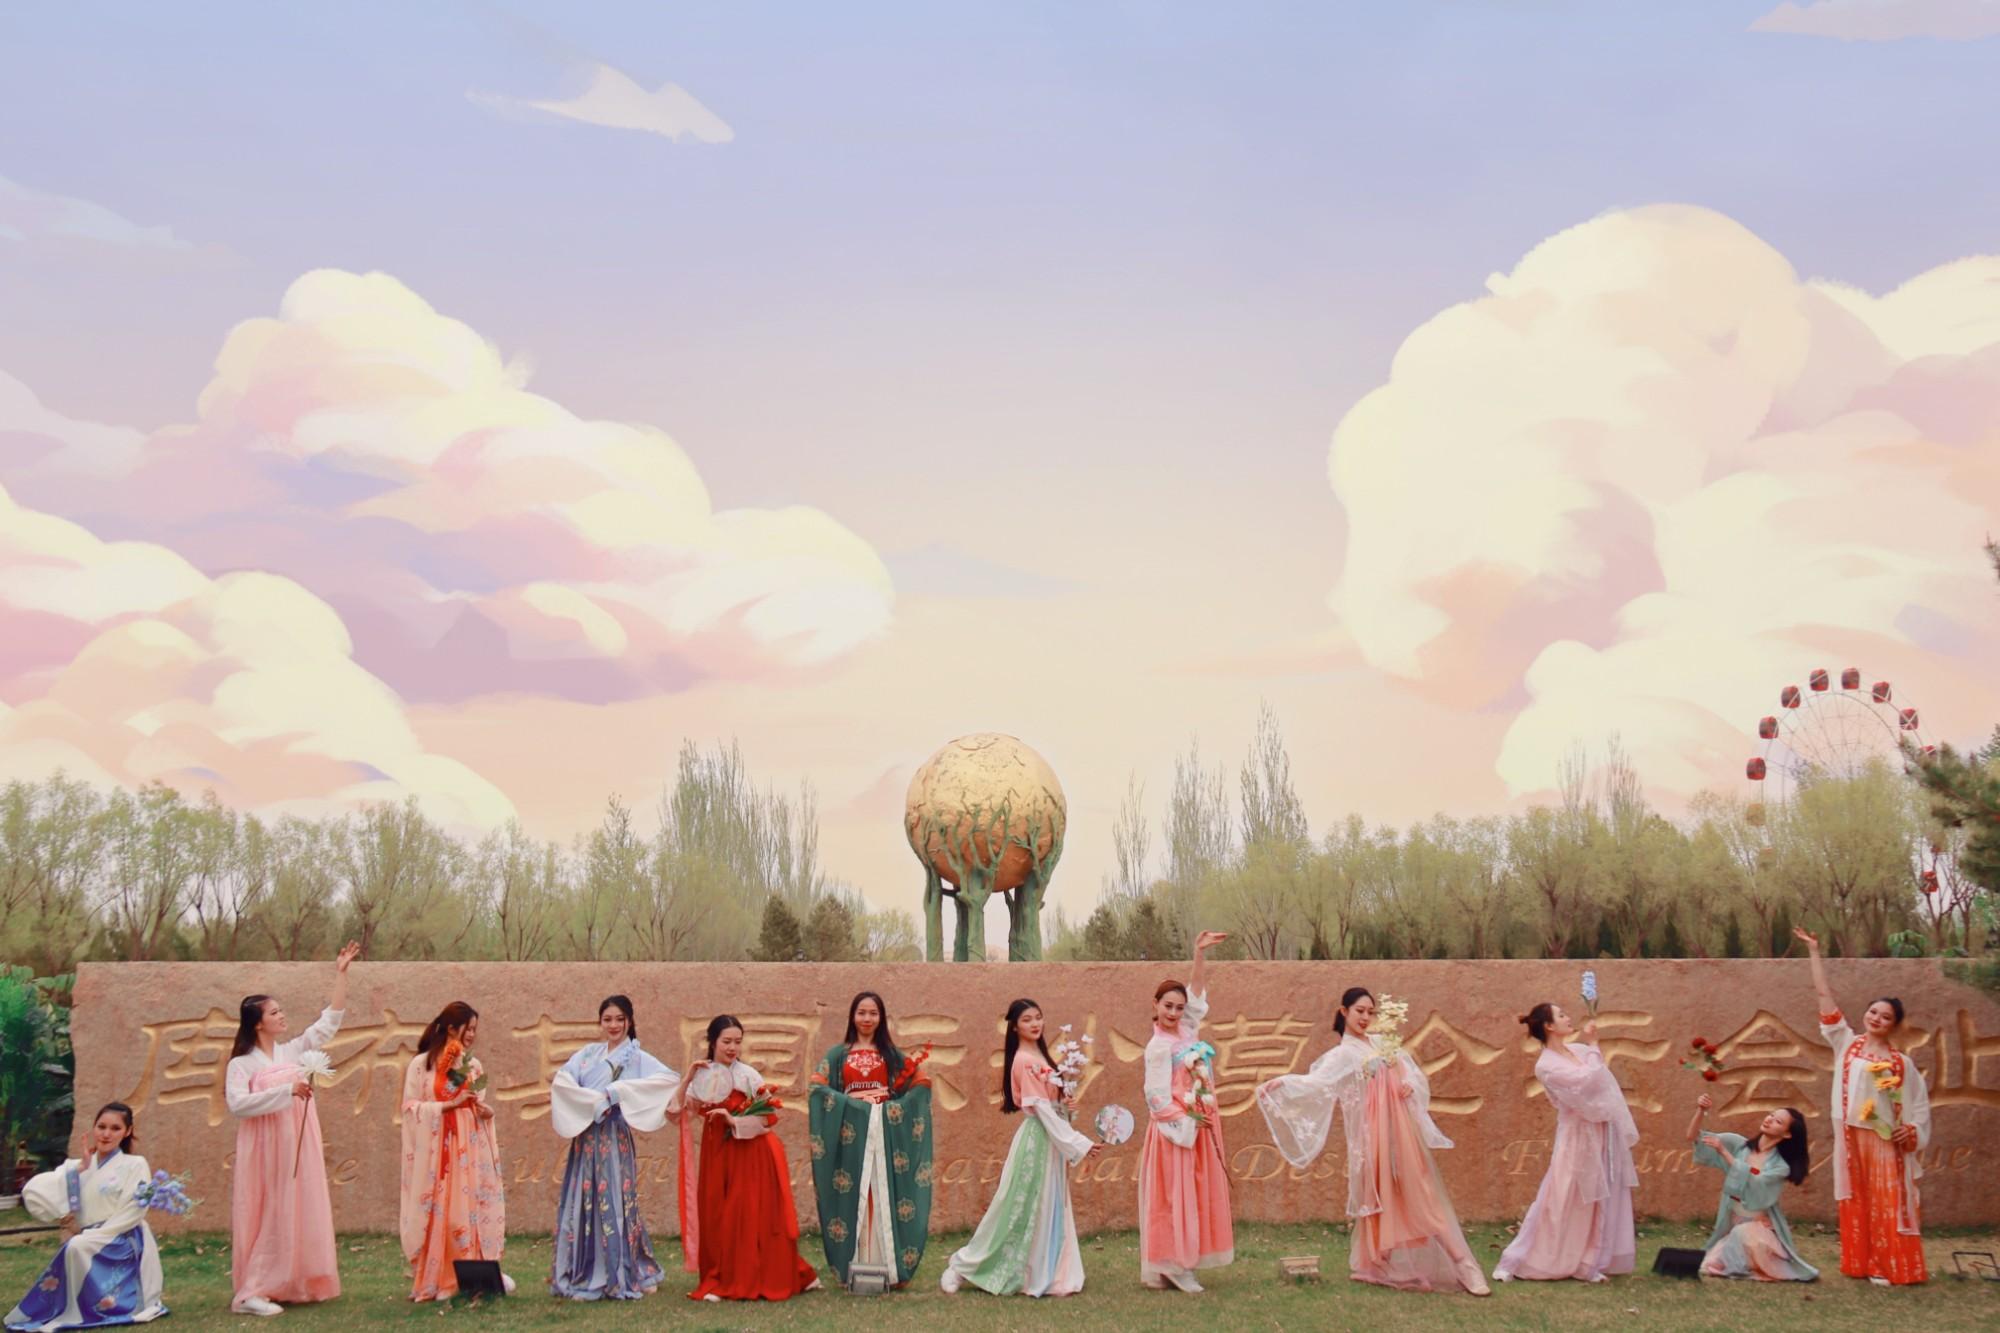 【五一预告】七星湖十二花神带你游园看秀、篝火狂欢,参与神树祈福、越野挑战!